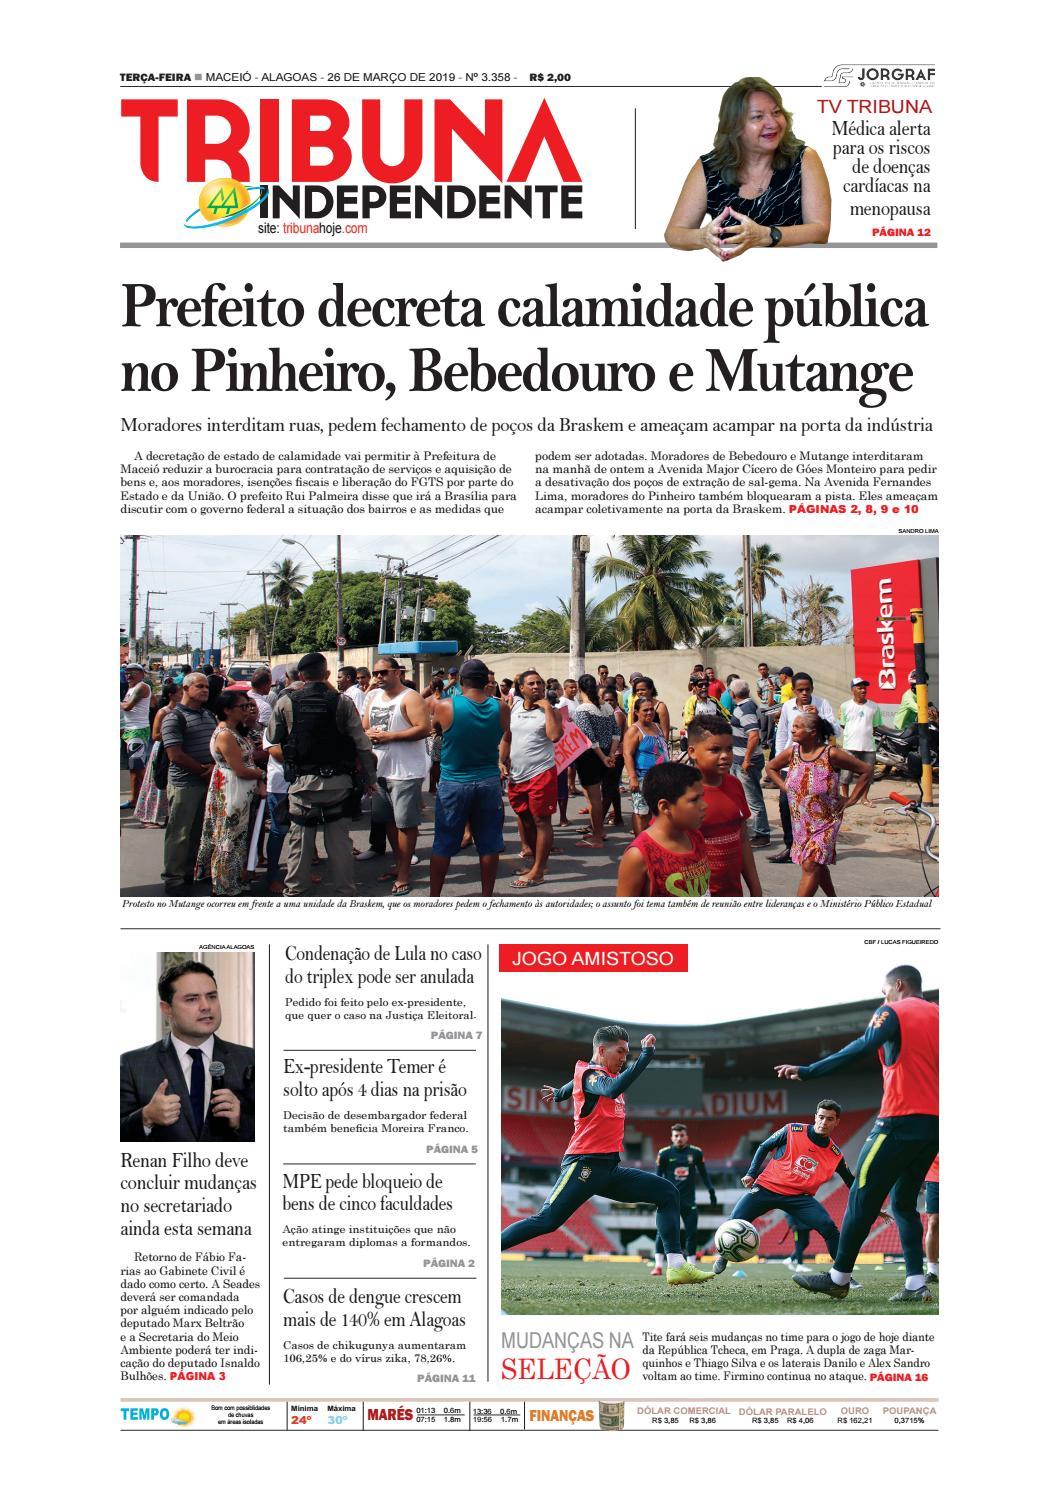 2548a22c6 Edição número 3358 – 26 de março de 2019 by Tribuna Hoje - issuu